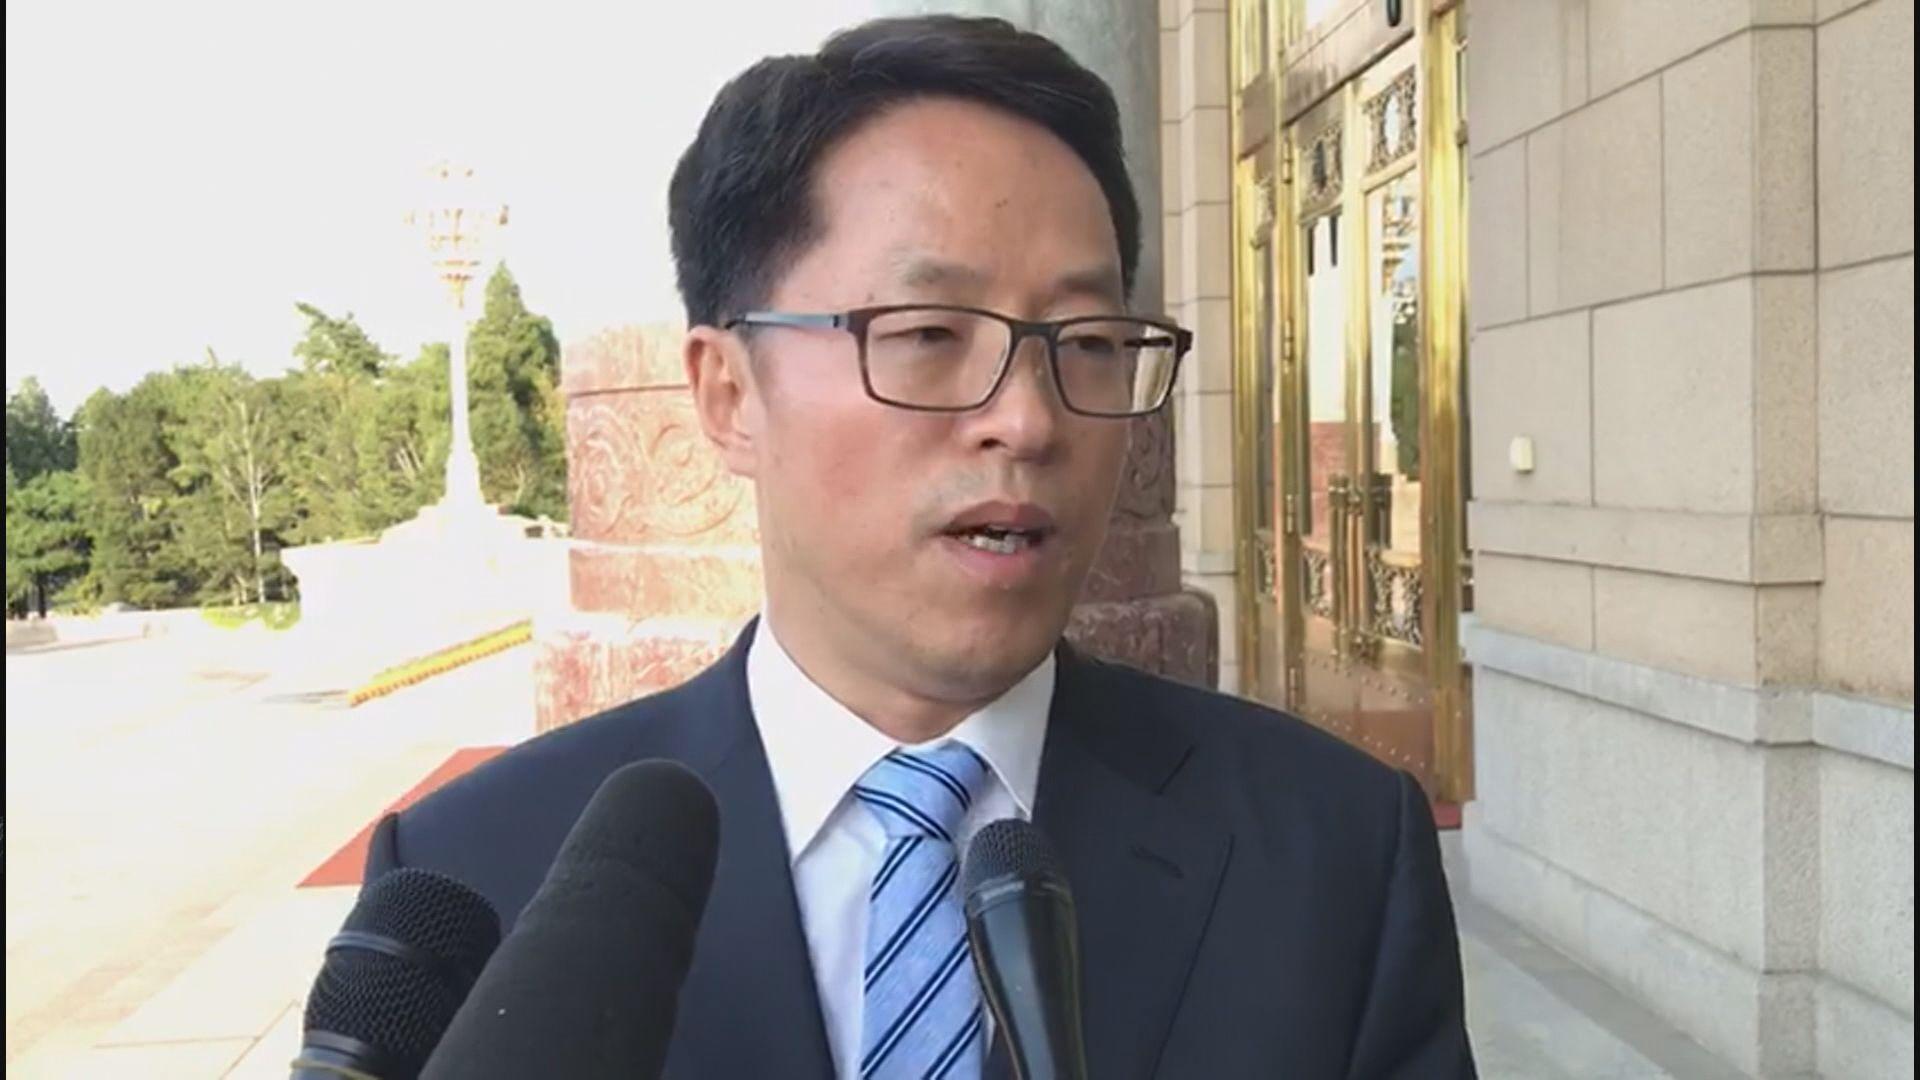 張曉明林鄭批評外國記者會超底線